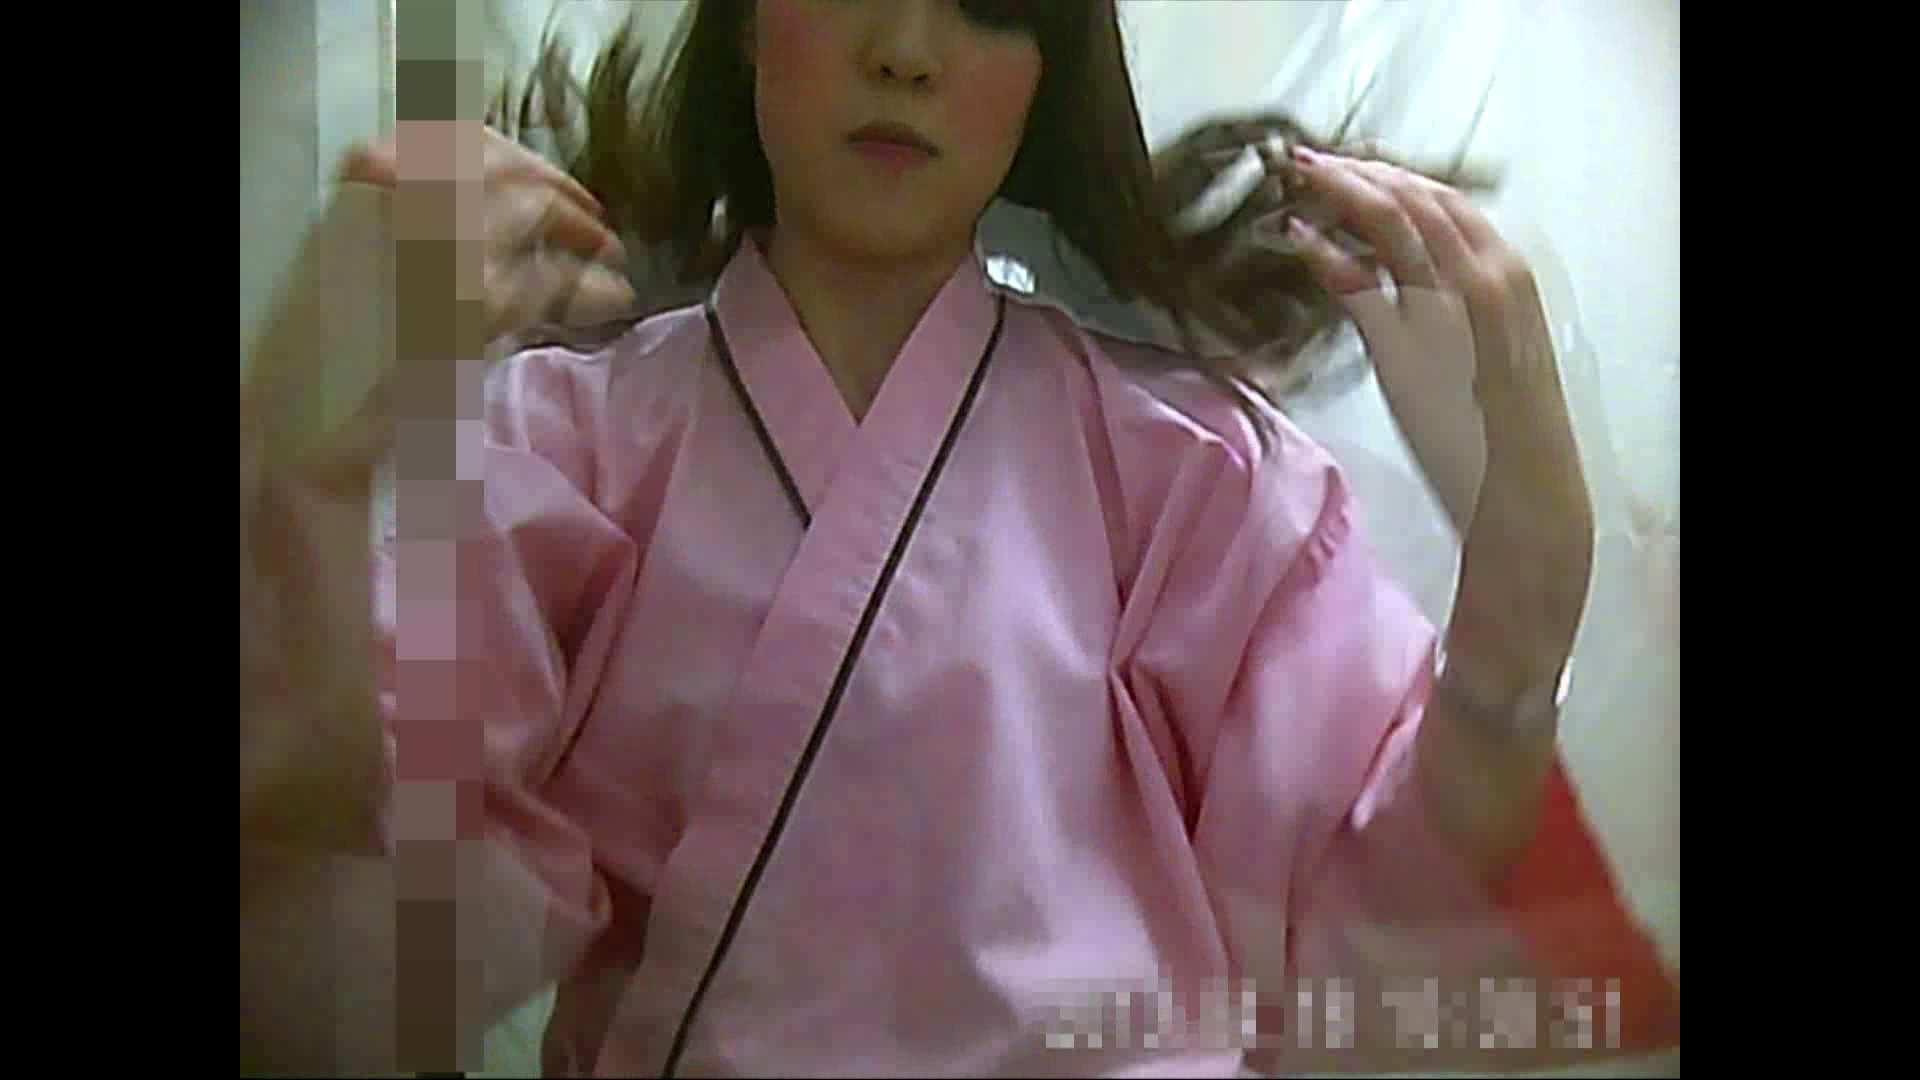 元医者による反抗 更衣室地獄絵巻 vol.093 OL | 0  93連発 60